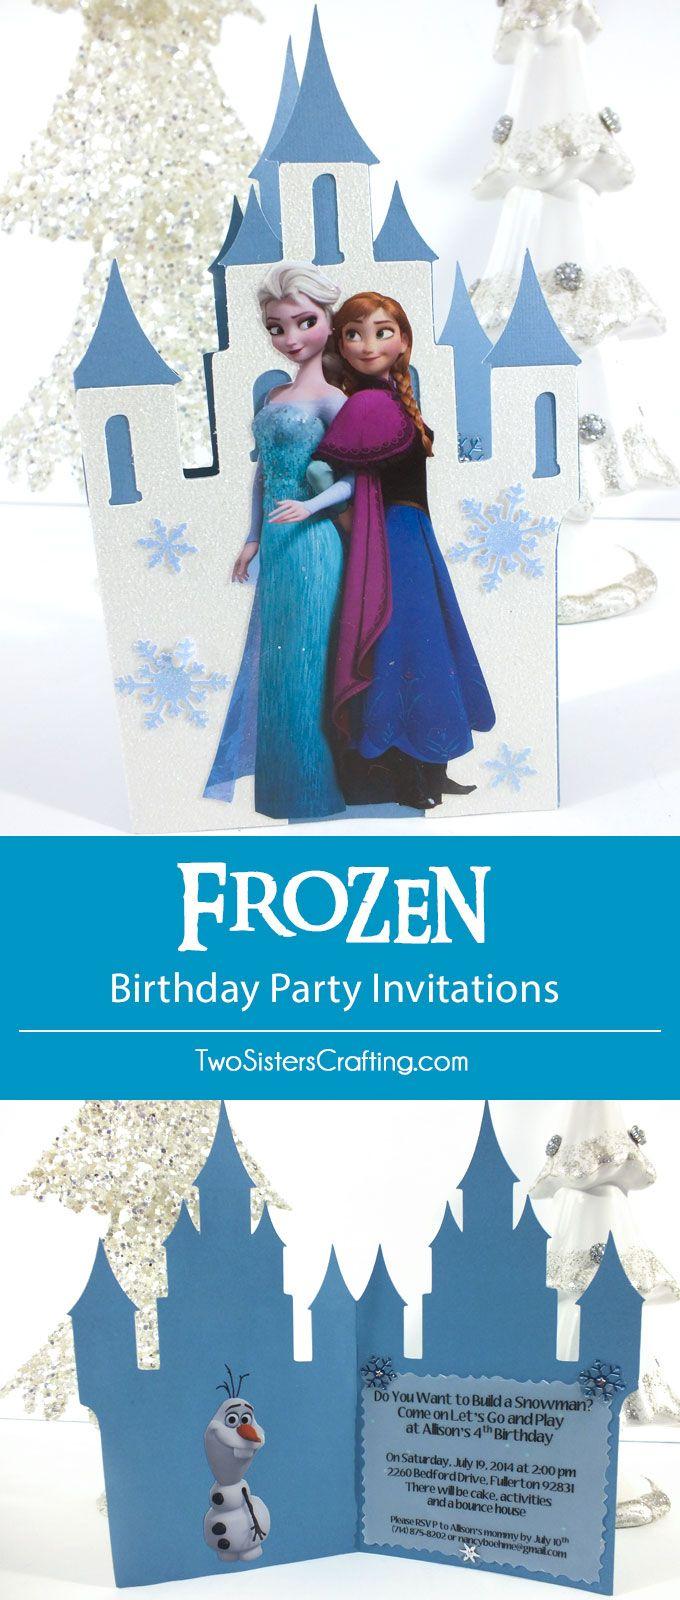 Frozen Birthday Party Invitations Party invitations Birthdays